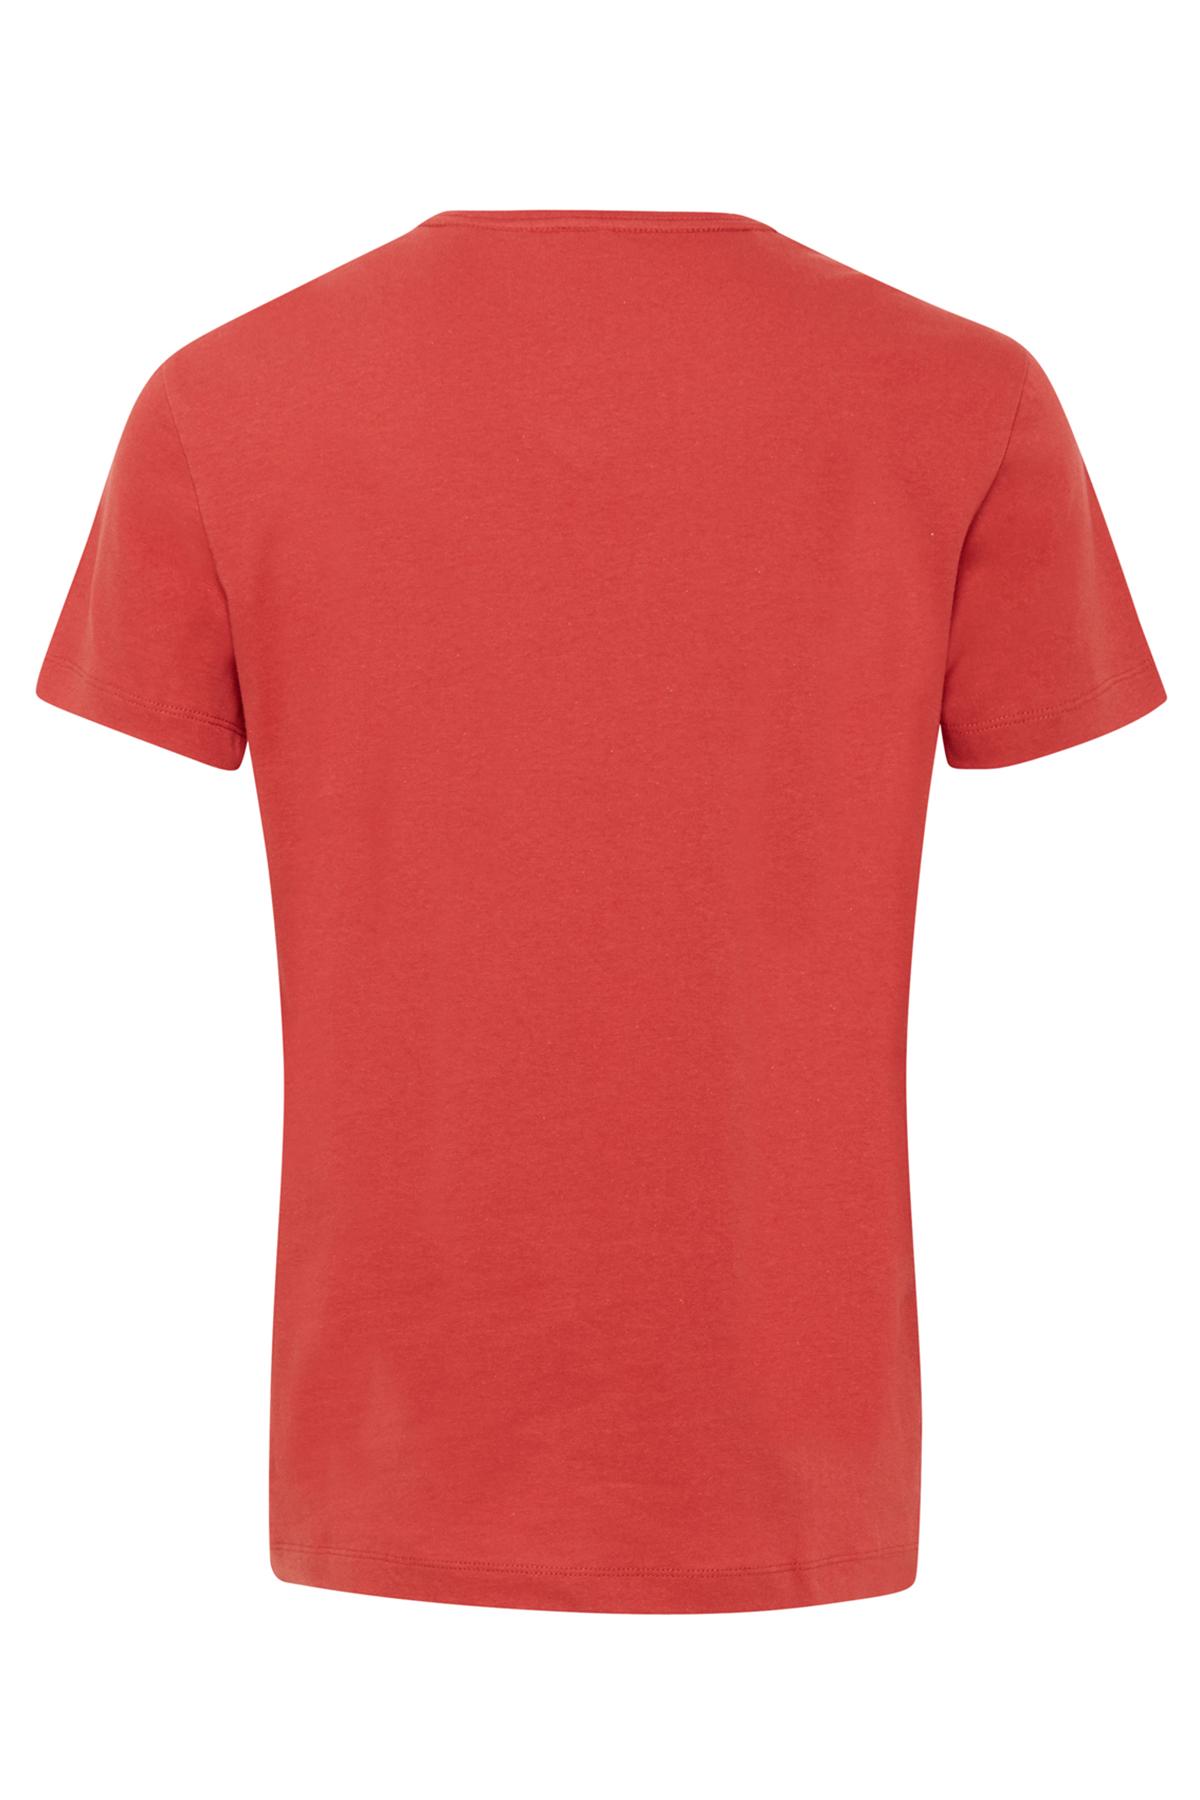 Rød T-shirt – Køb Rød T-shirt fra str. S-XXL her